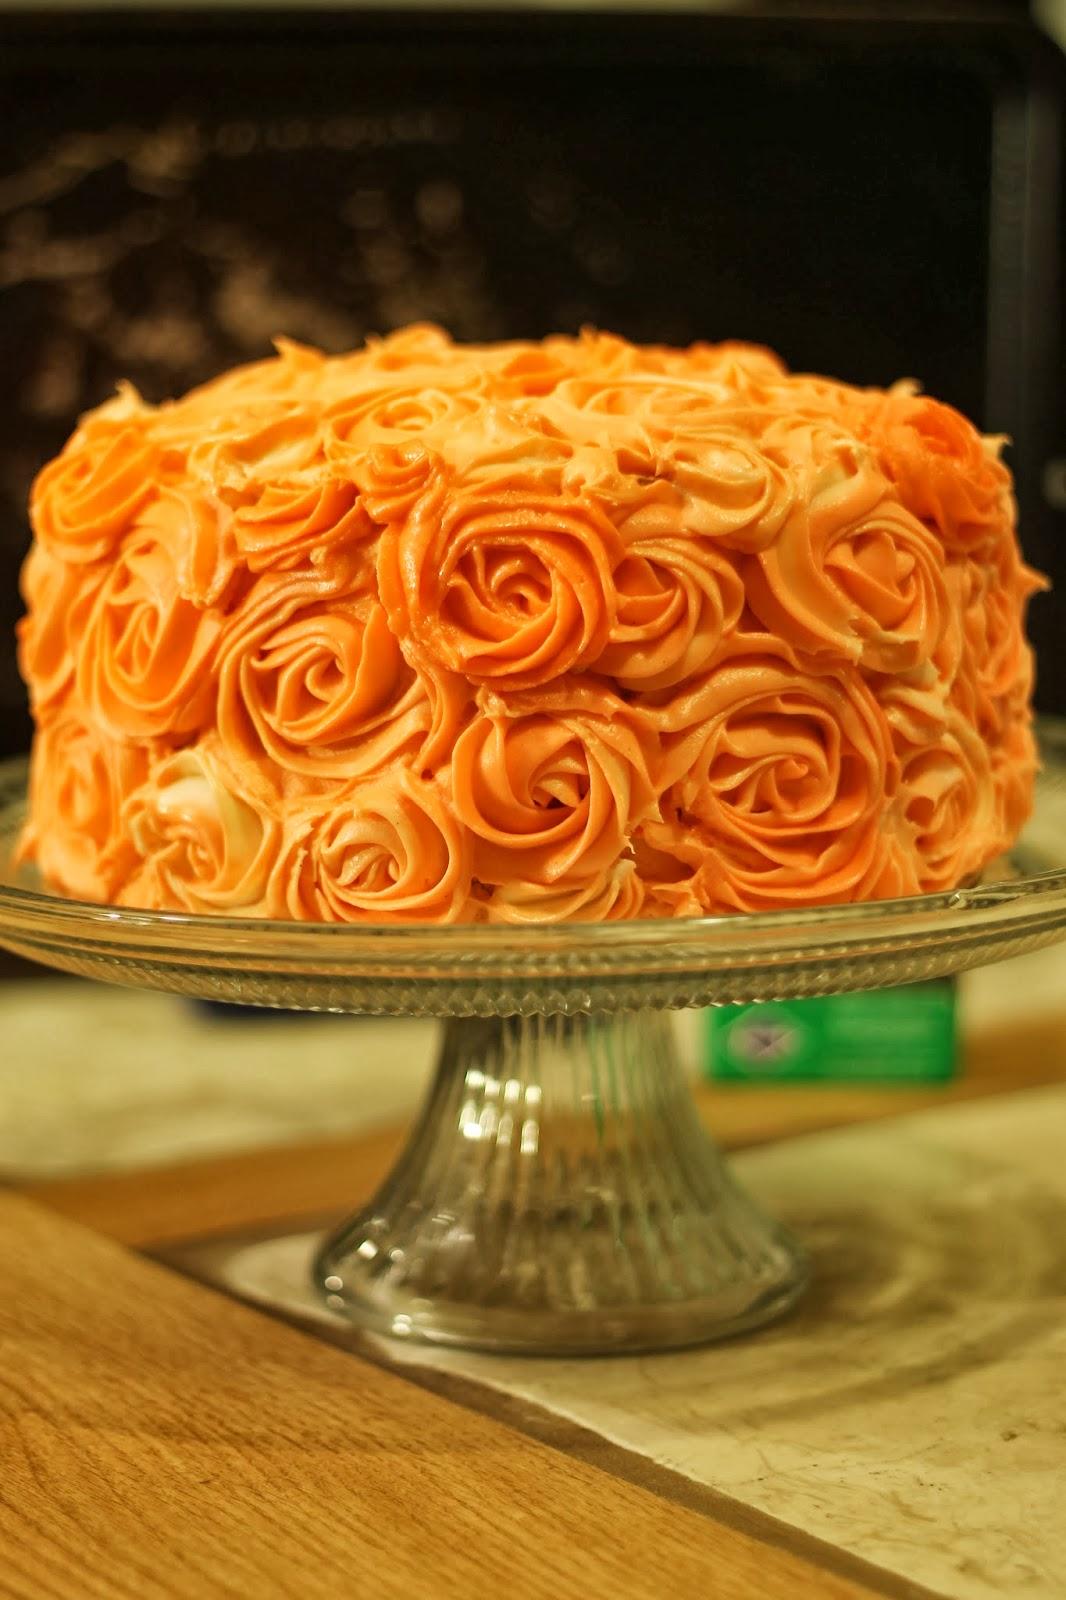 LaLa Cake Orange Rose Cake!